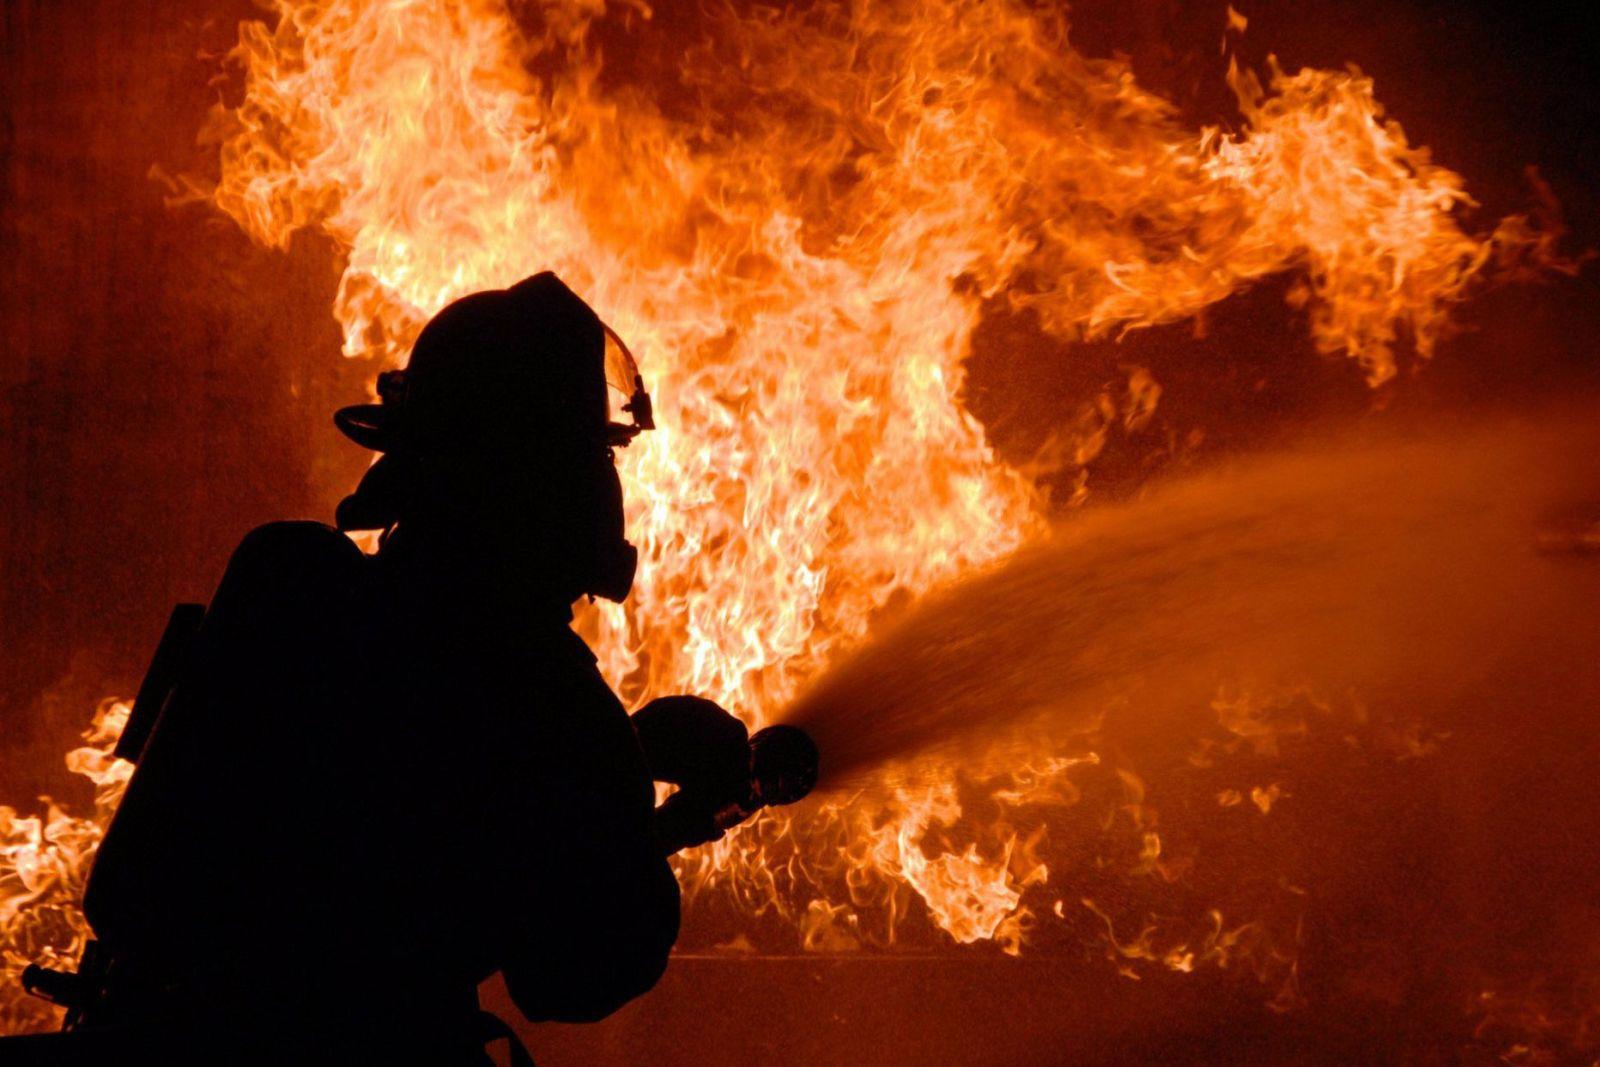 В Донецке произошел сильный пожар, десятки людей эвакуированы